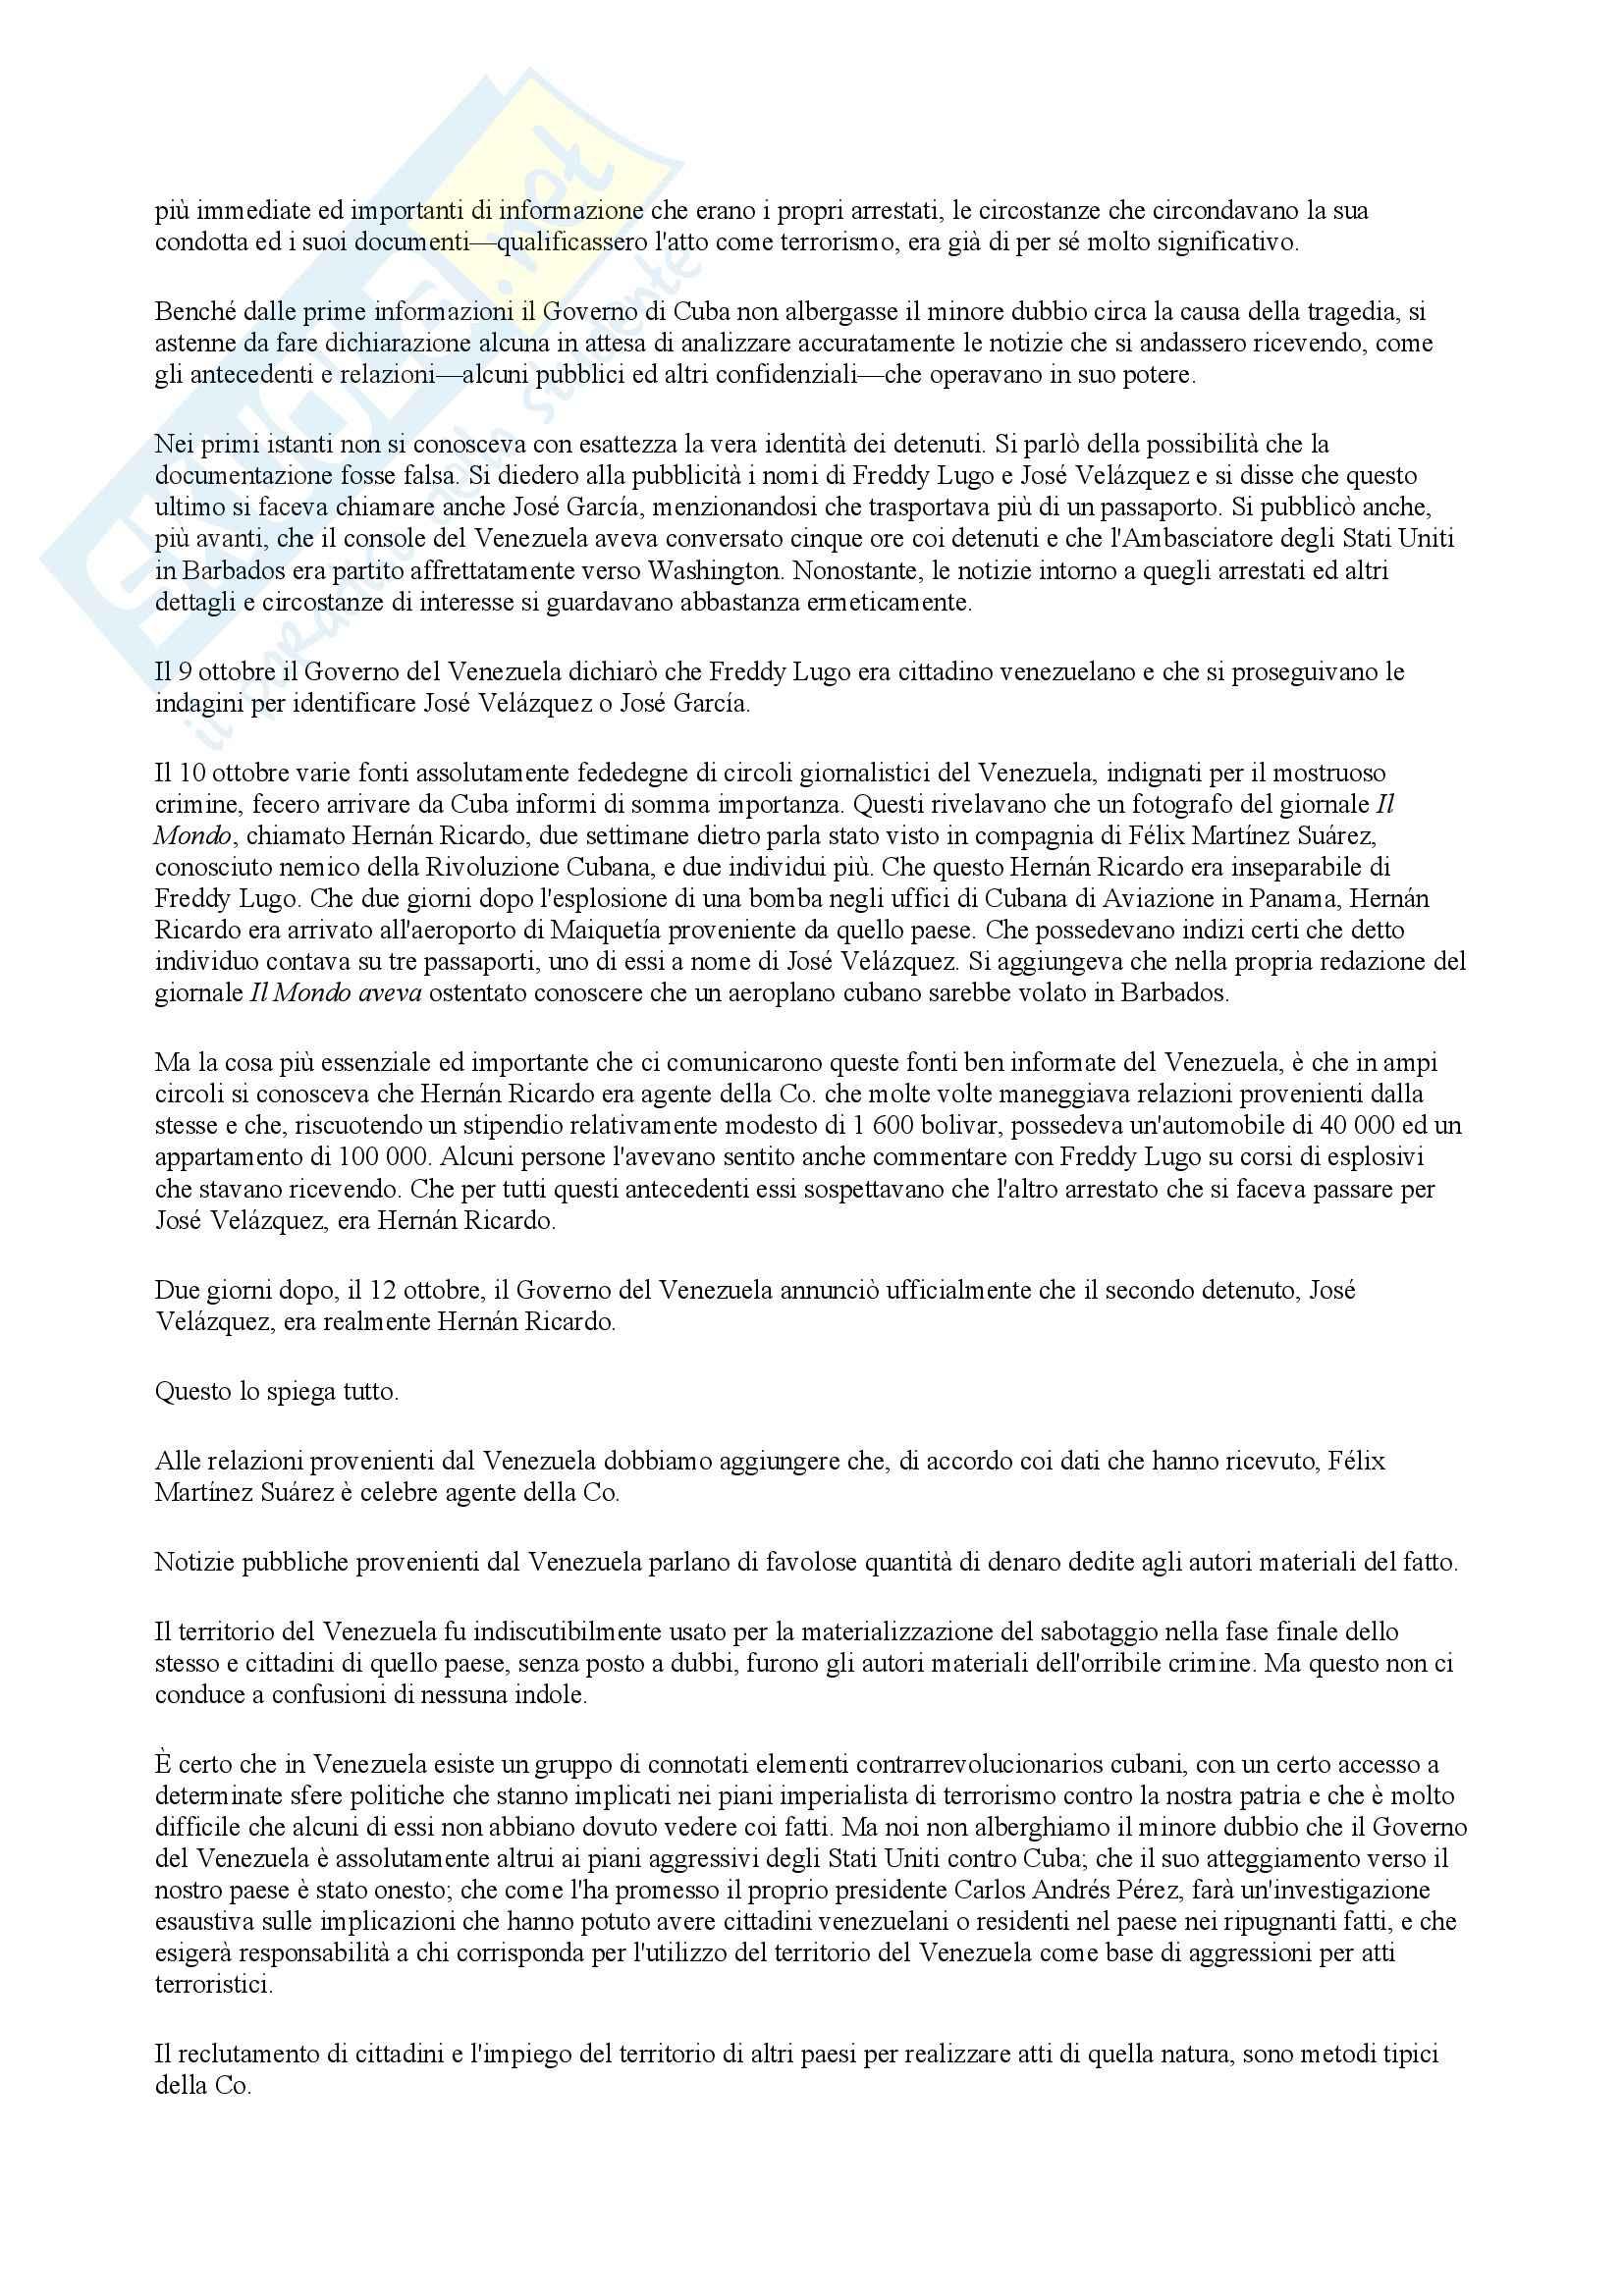 Traduzione discorso Fidel Castro Pag. 2